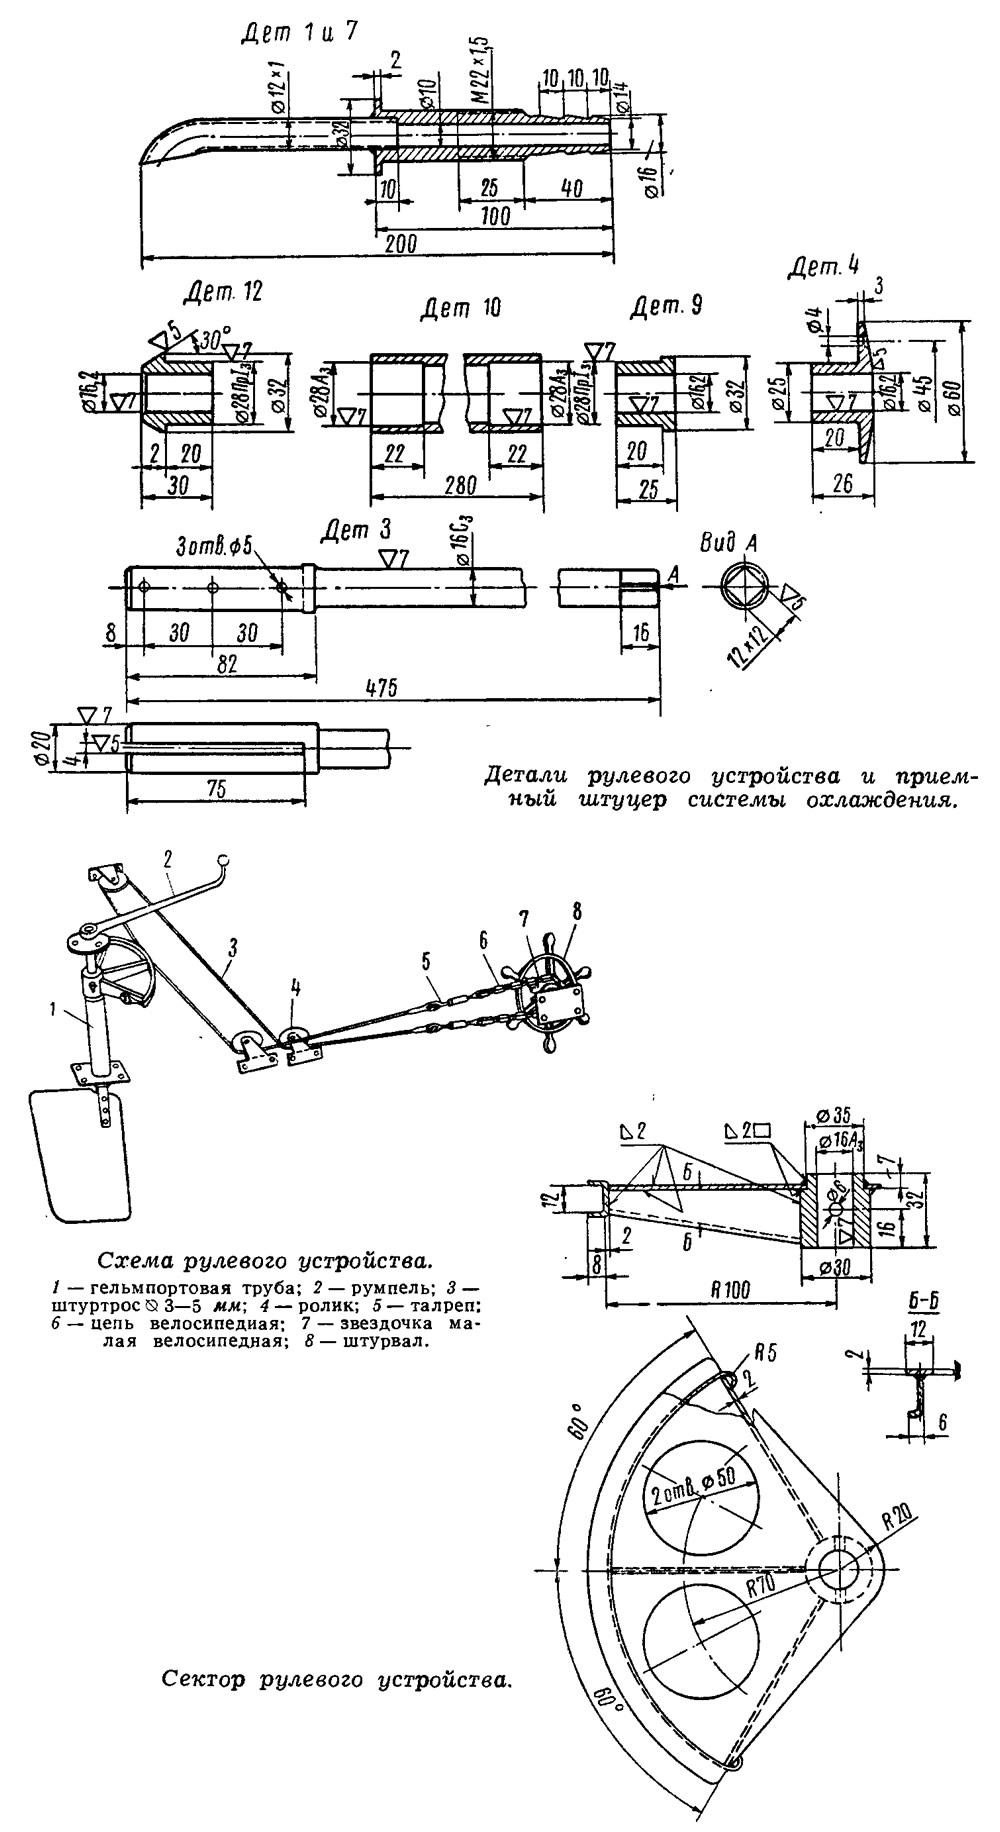 Схема и детали рулевого устройства